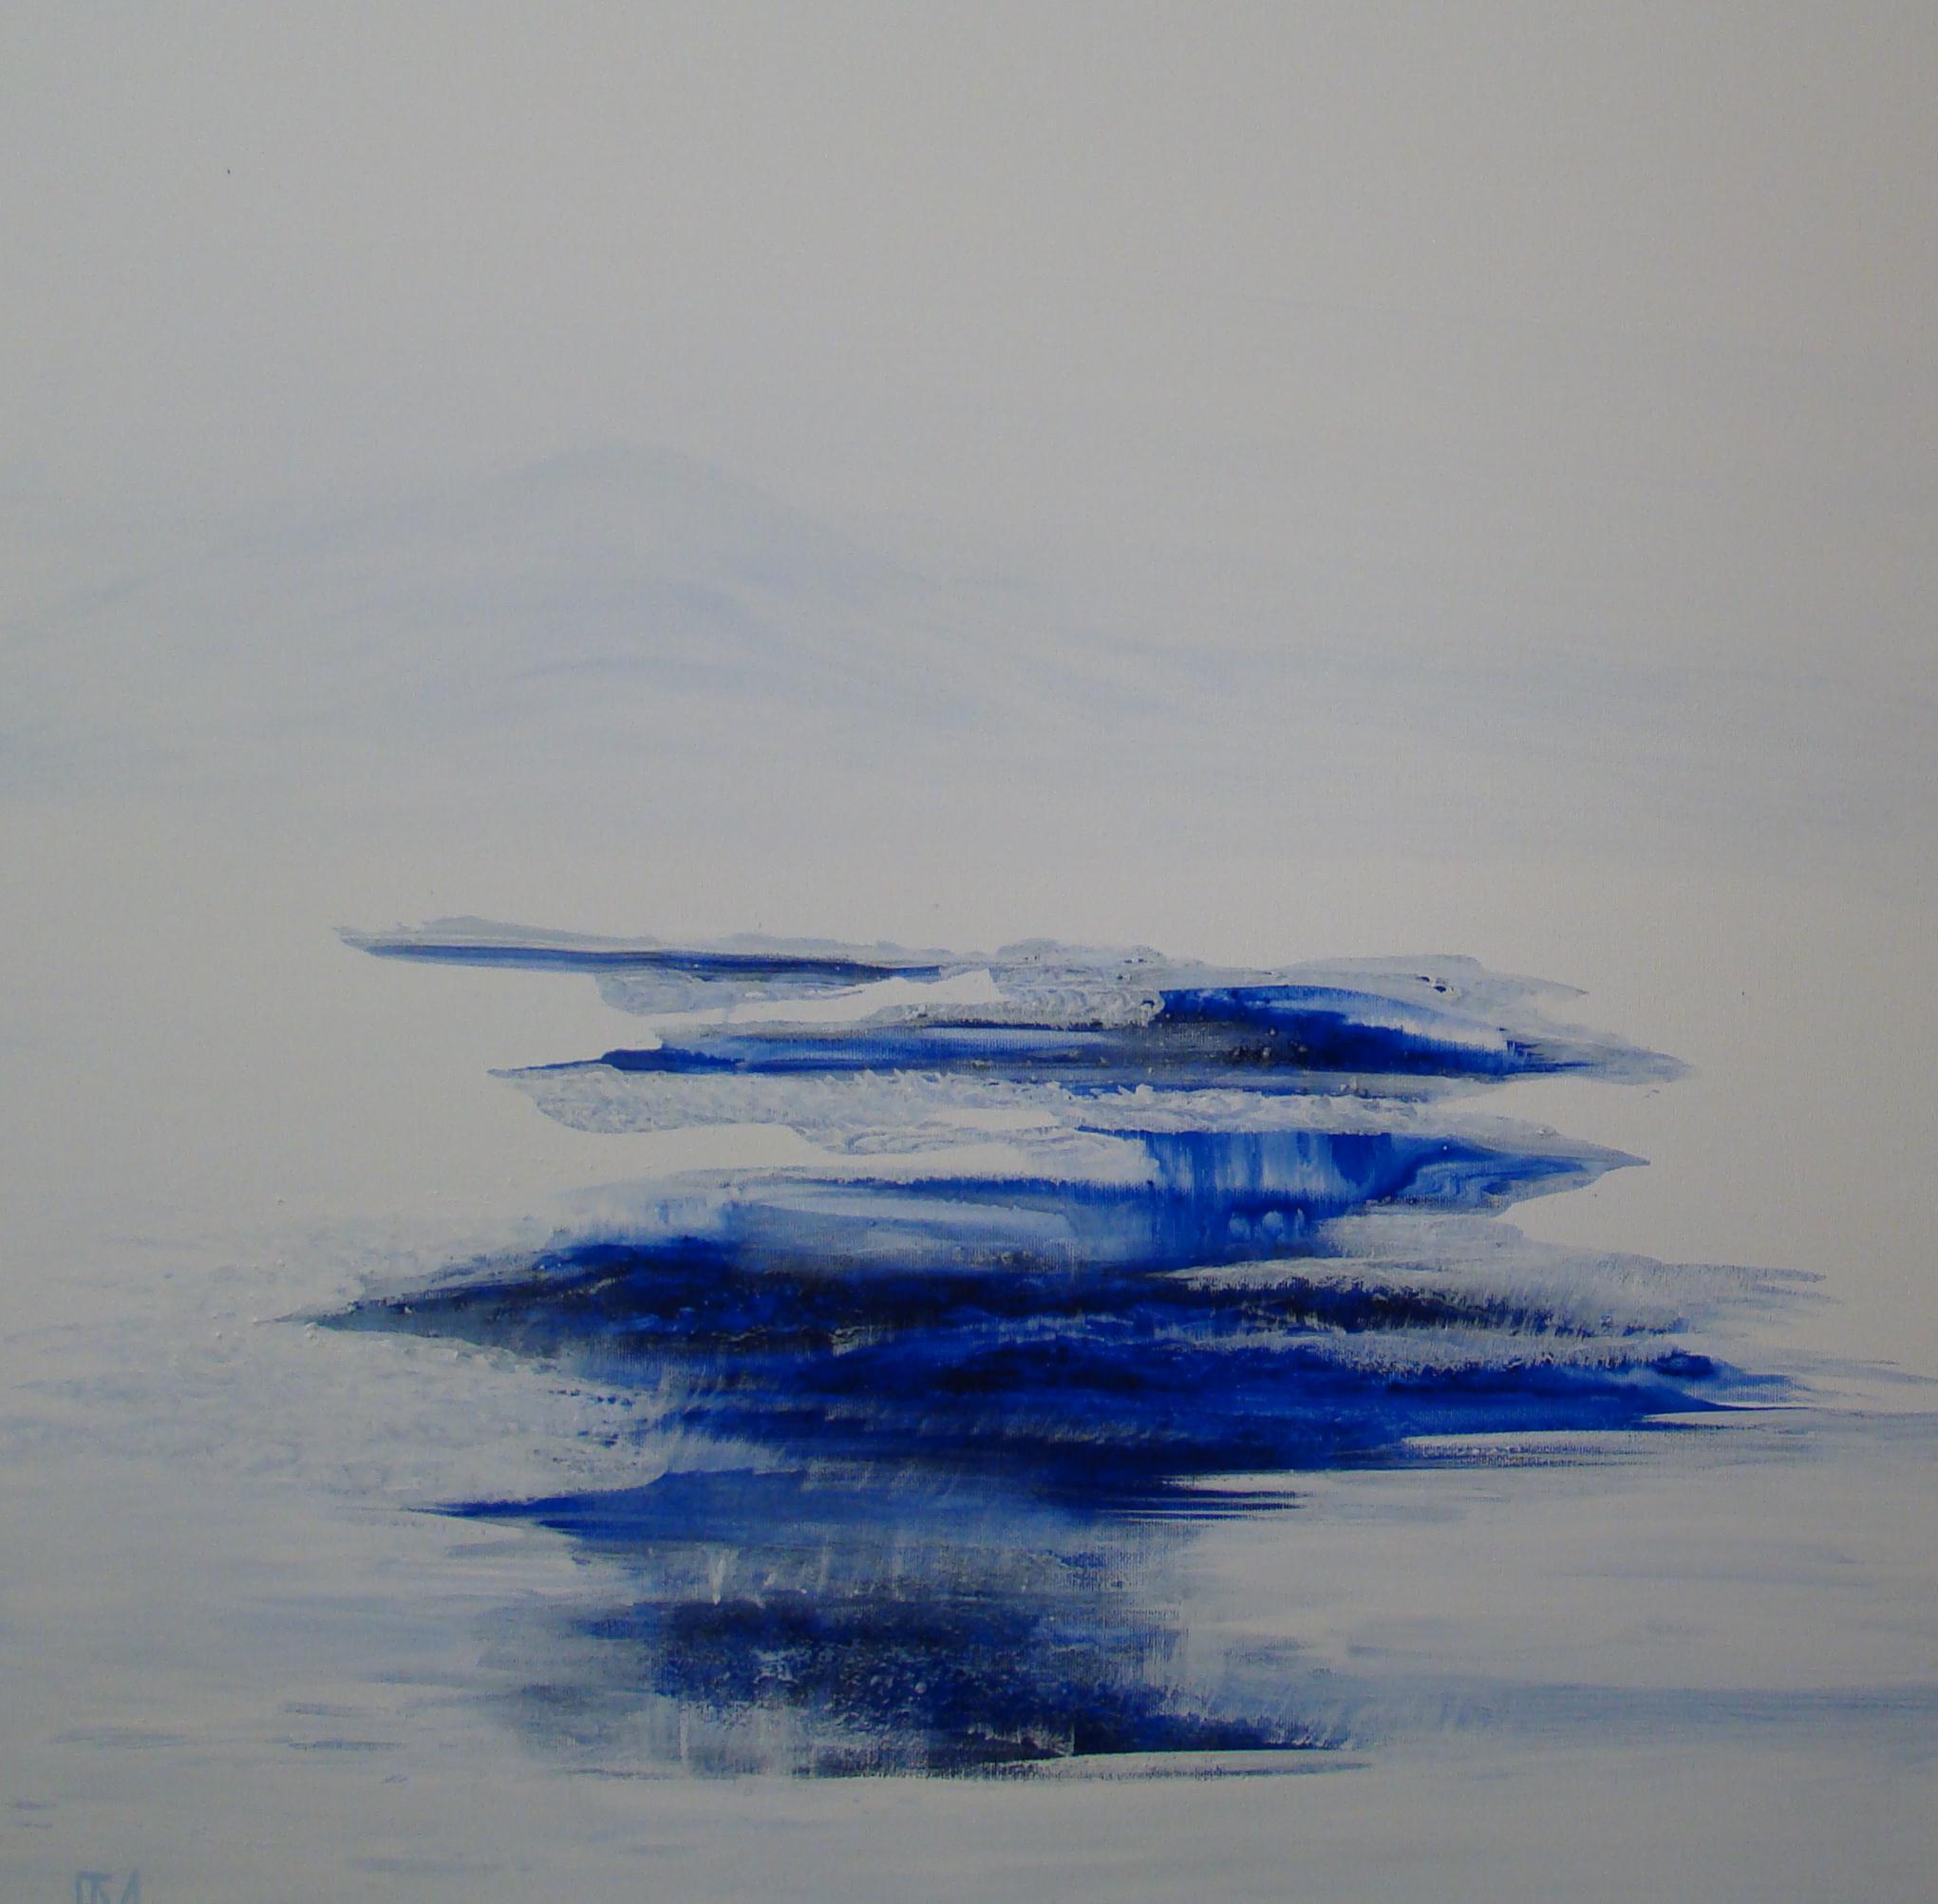 Le Bleu dans sa matière - Utiliser les pigments secs dans leur origine et laisser venir leur profondeur